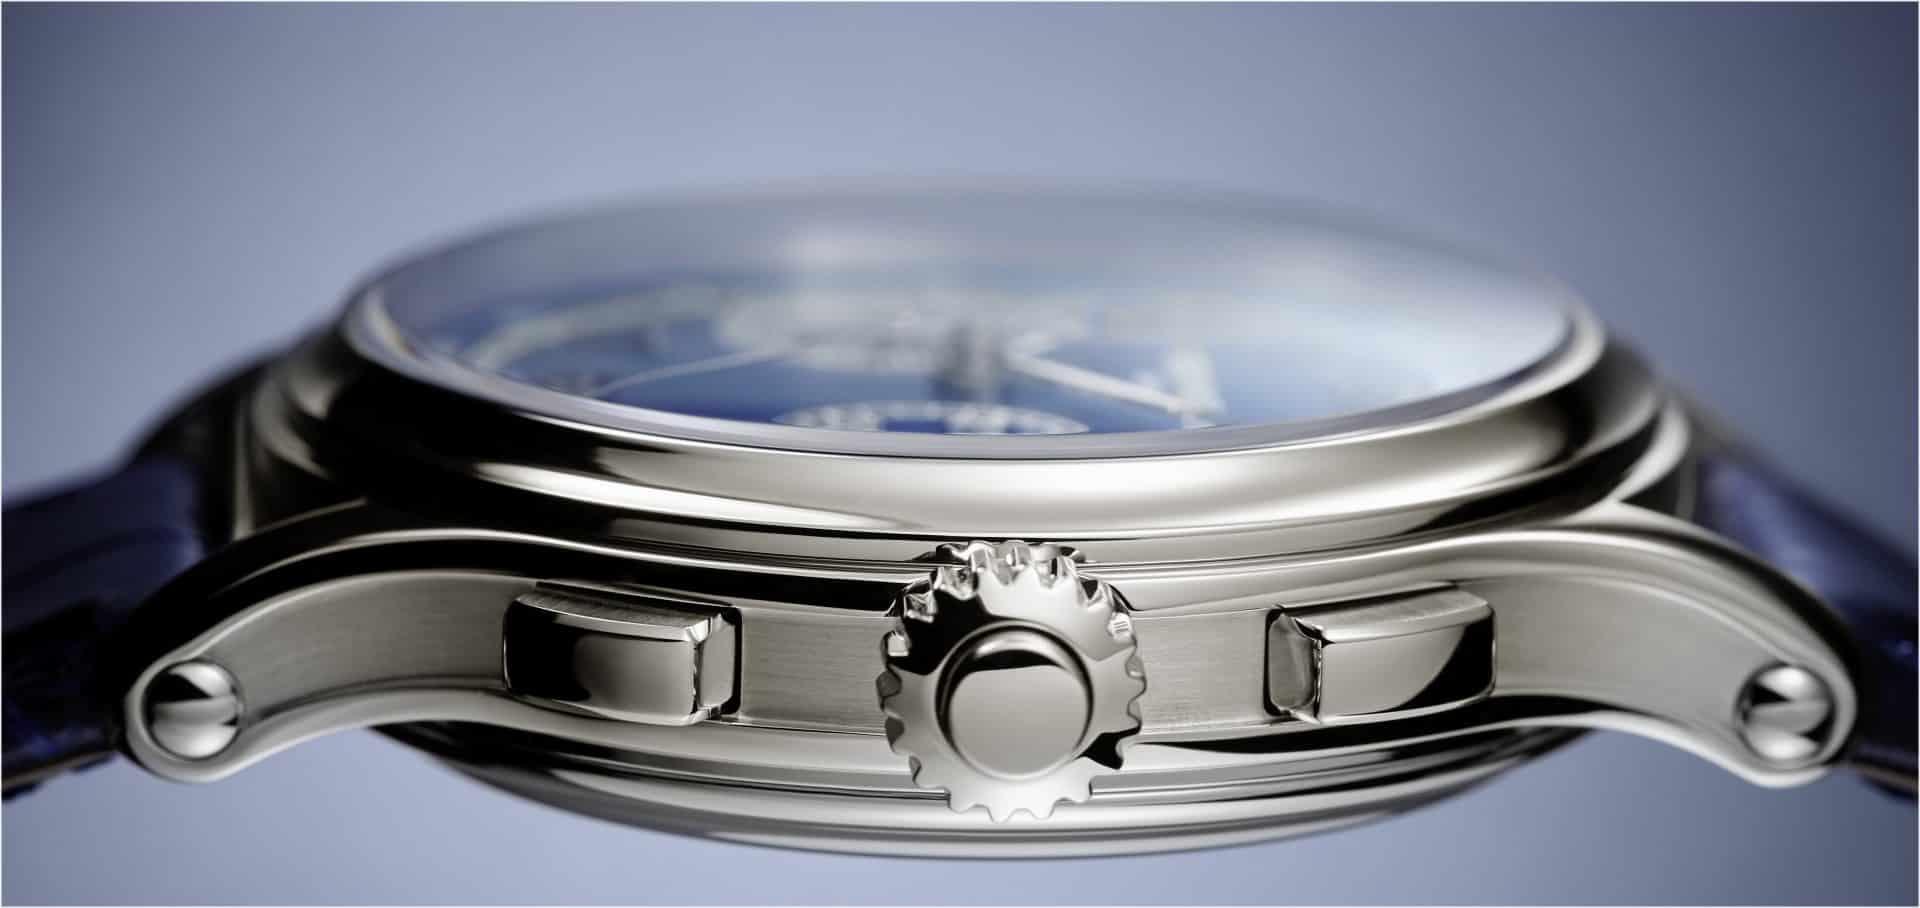 Patek Philippe Referenz 5370P-011 Schleppzeiger-Chronograph im Profil